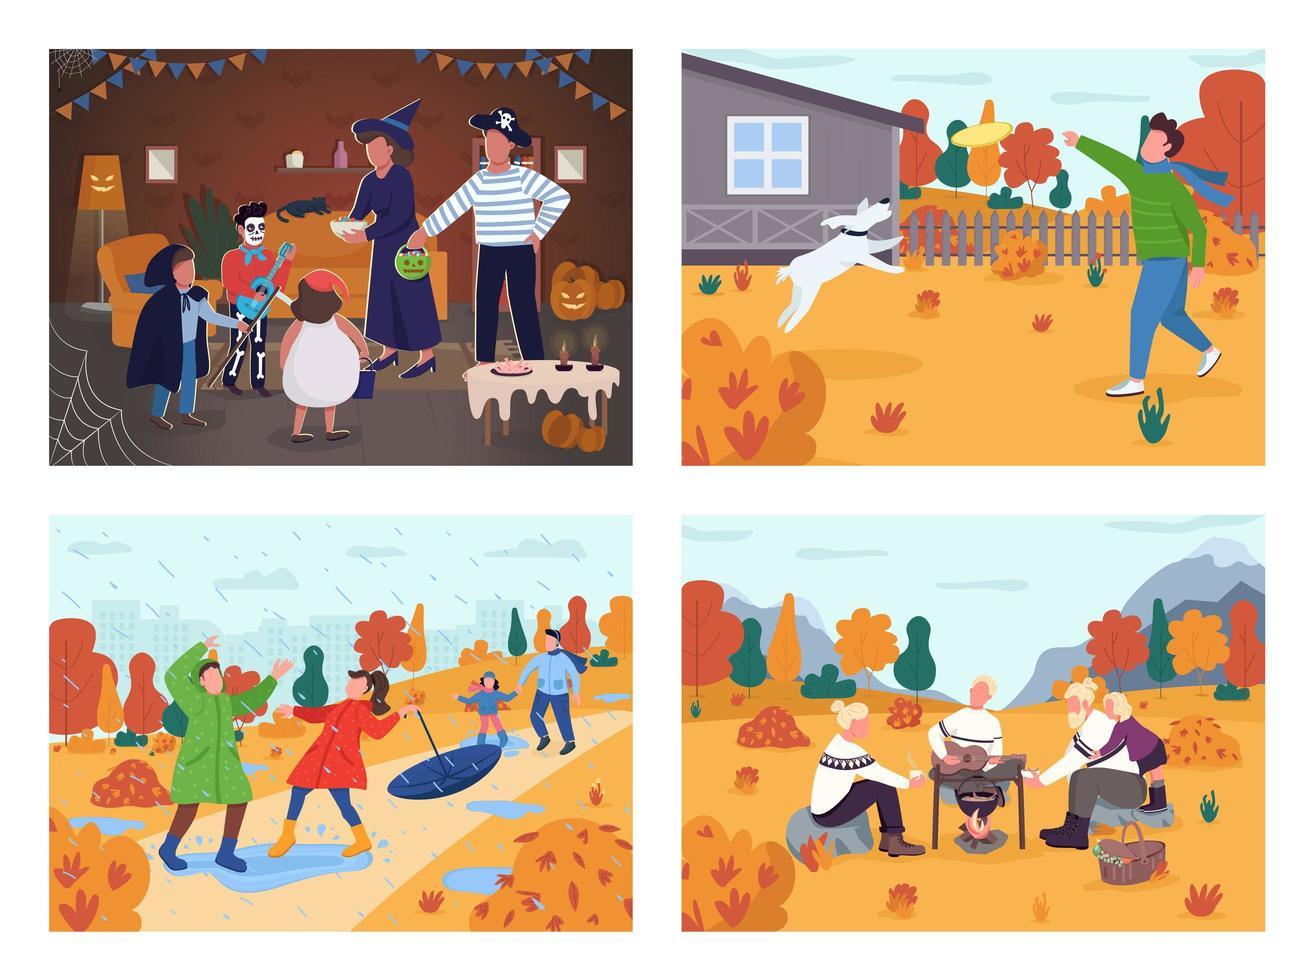 activité de vacances d'automne vecteur